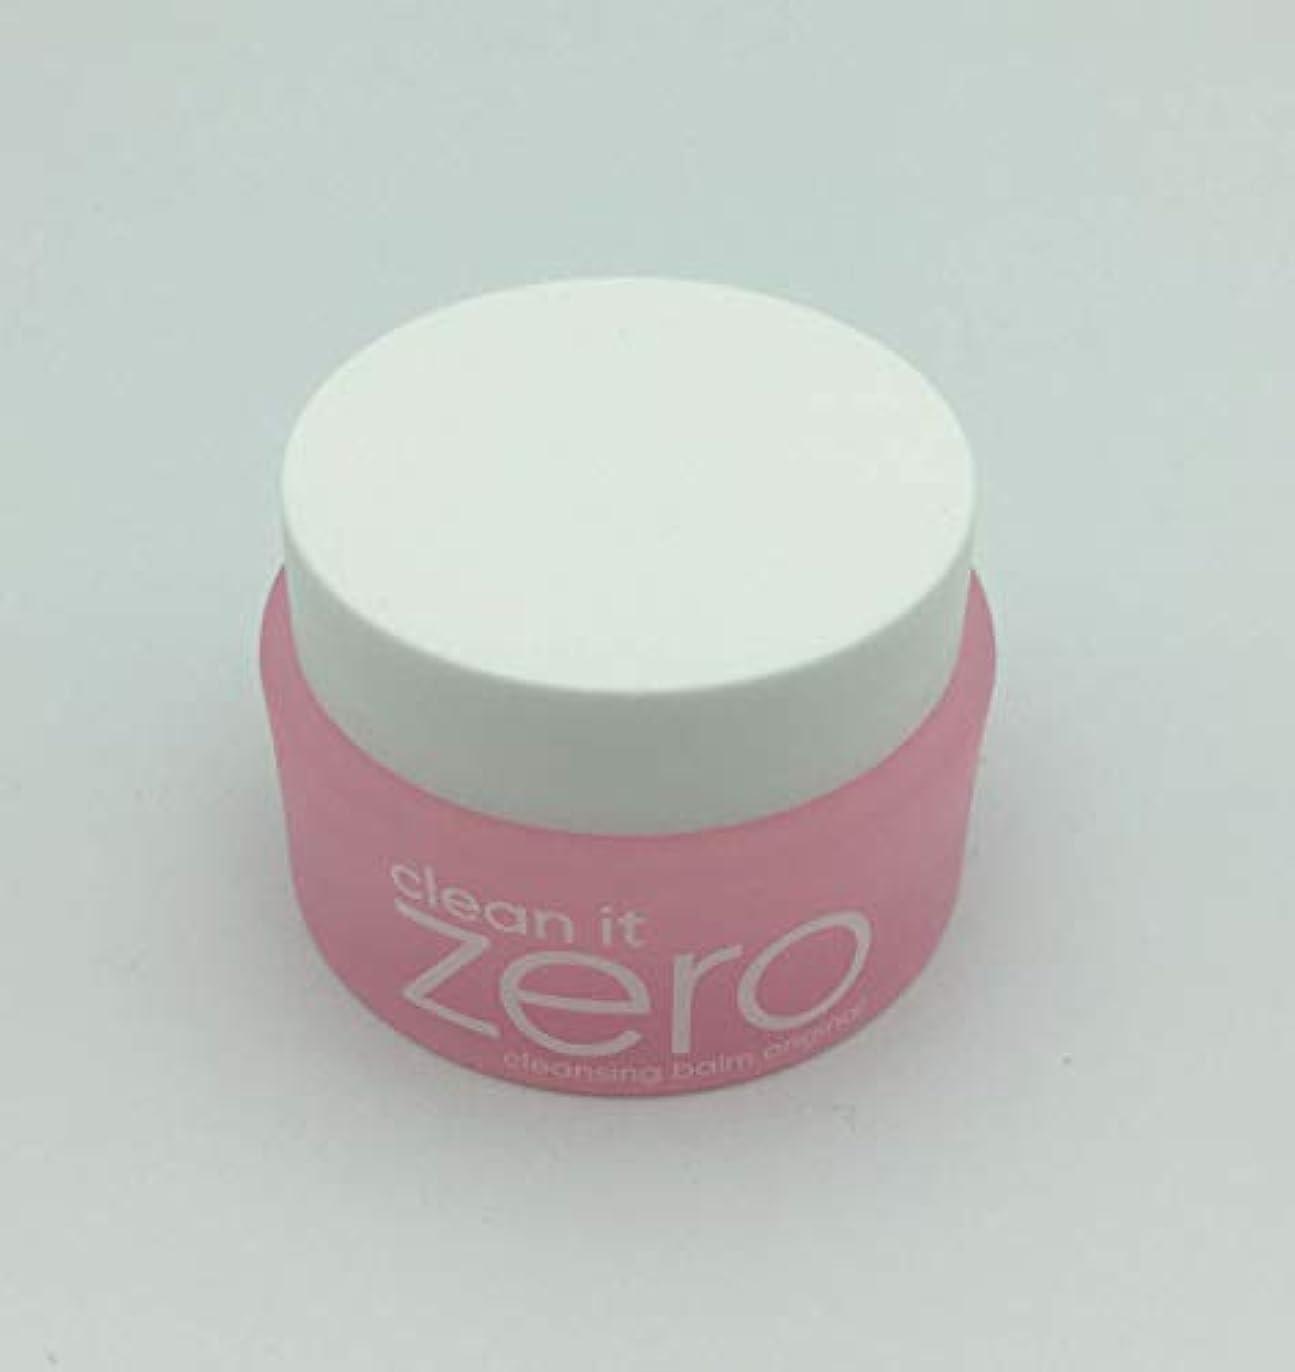 平日命令的レバーバニラコ クリーン イット ゼロ クレンジング バーム オリジナル 25ml / Clean It Zero Cleansing Balm Original 25ml [並行輸入品]